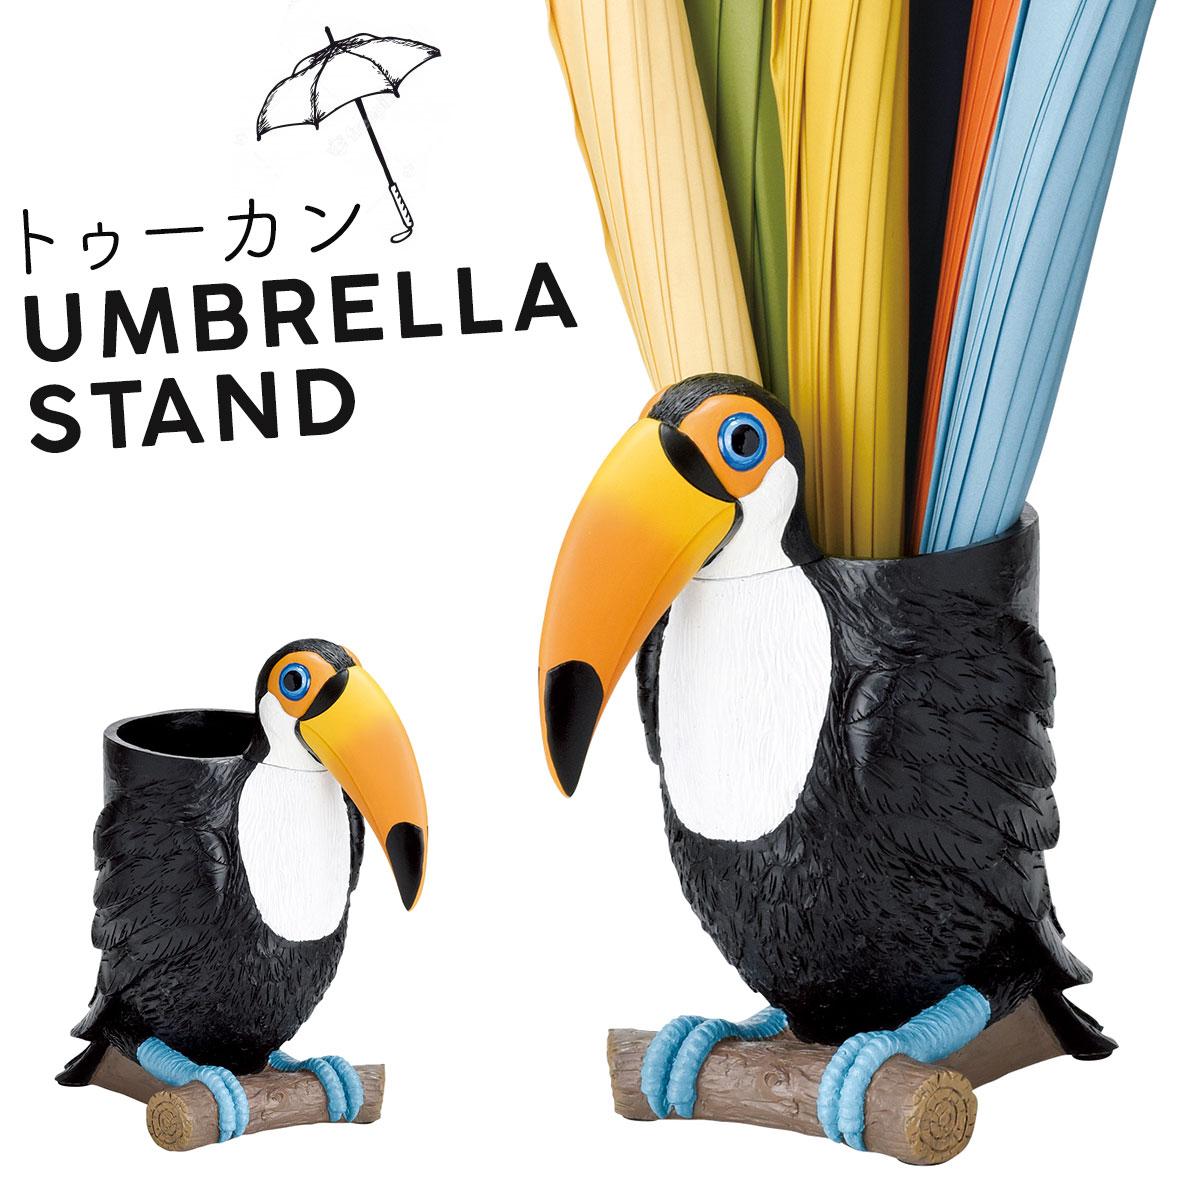 傘立て アンブレラスタンド かさたて おしゃれ 南国 鳥 動物 トゥーカン SR-1401 ユニーク雑貨特集 南国 トロピカル